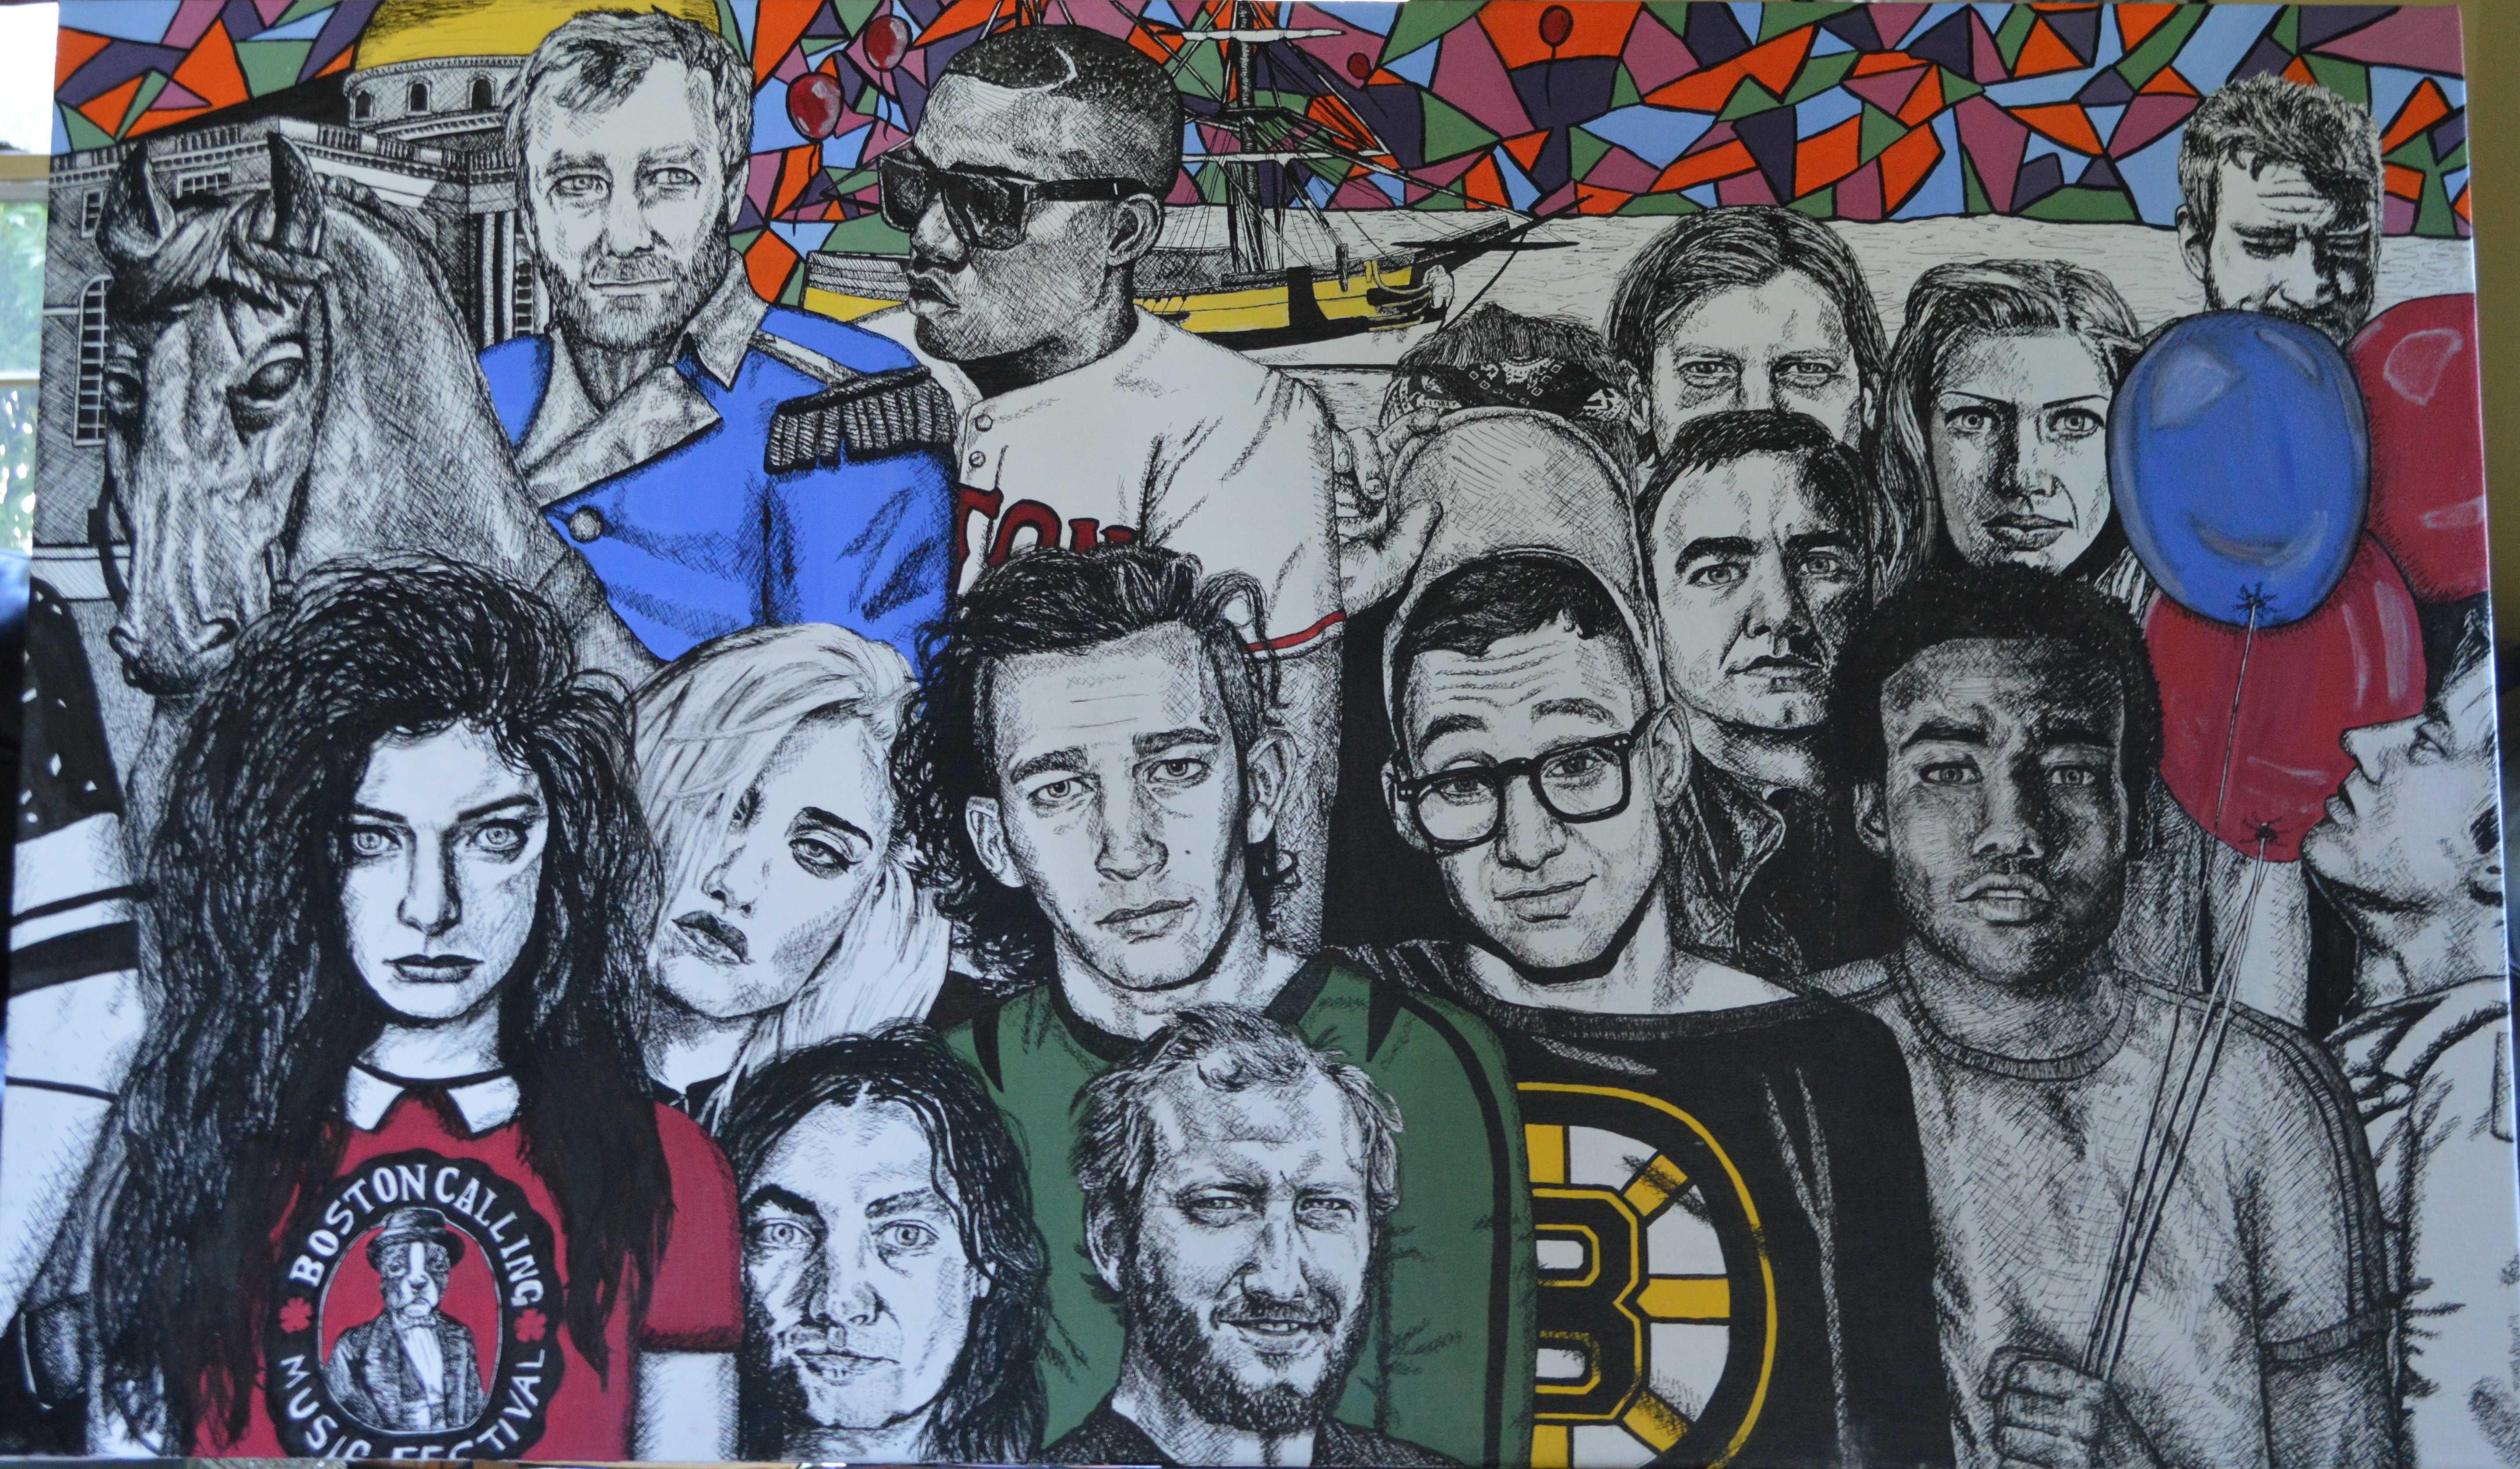 Michelle Stevens' mural